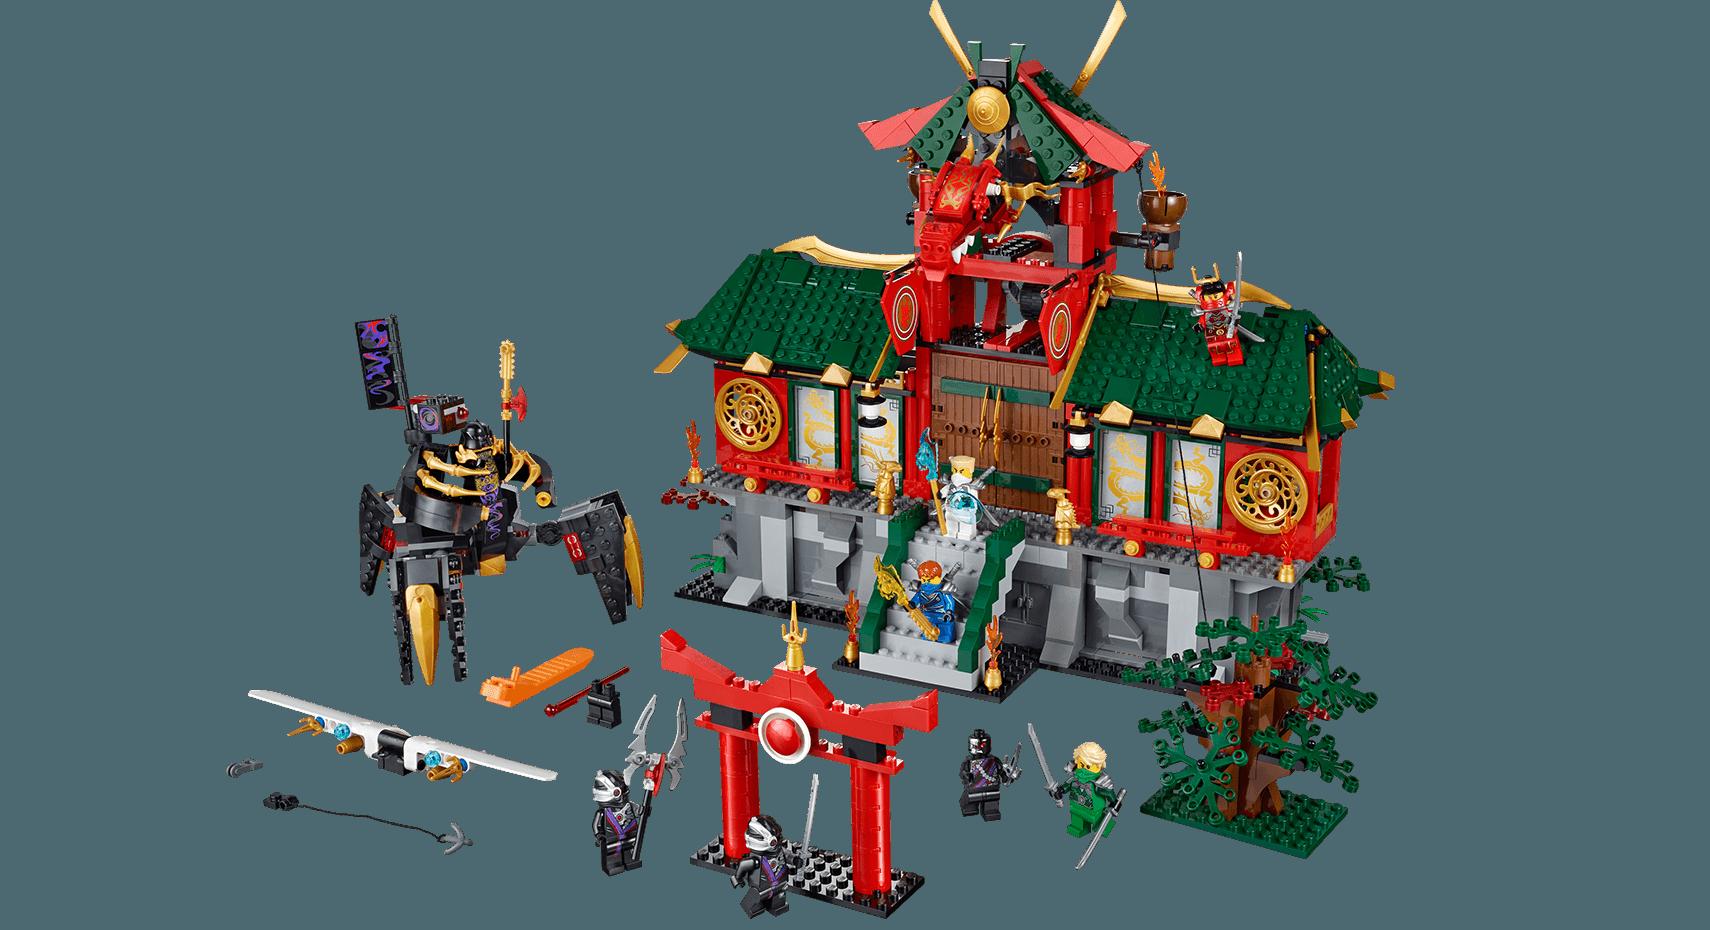 Lego ninjago nos explications avis et opinion - Dessin de lego ninjago ...